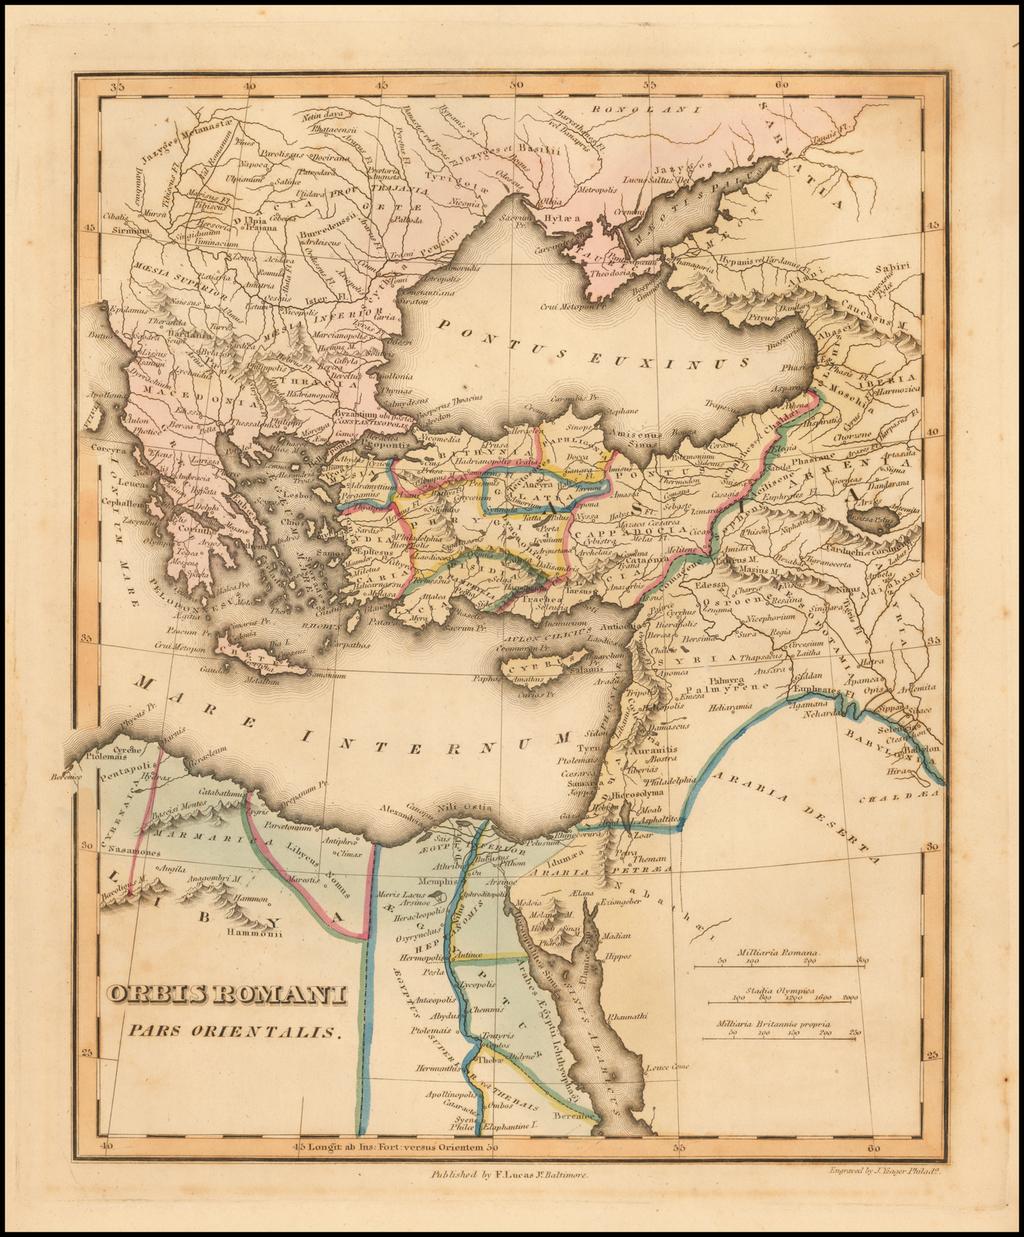 Orbis Romani Pars Orientalis By Fielding Lucas Jr.